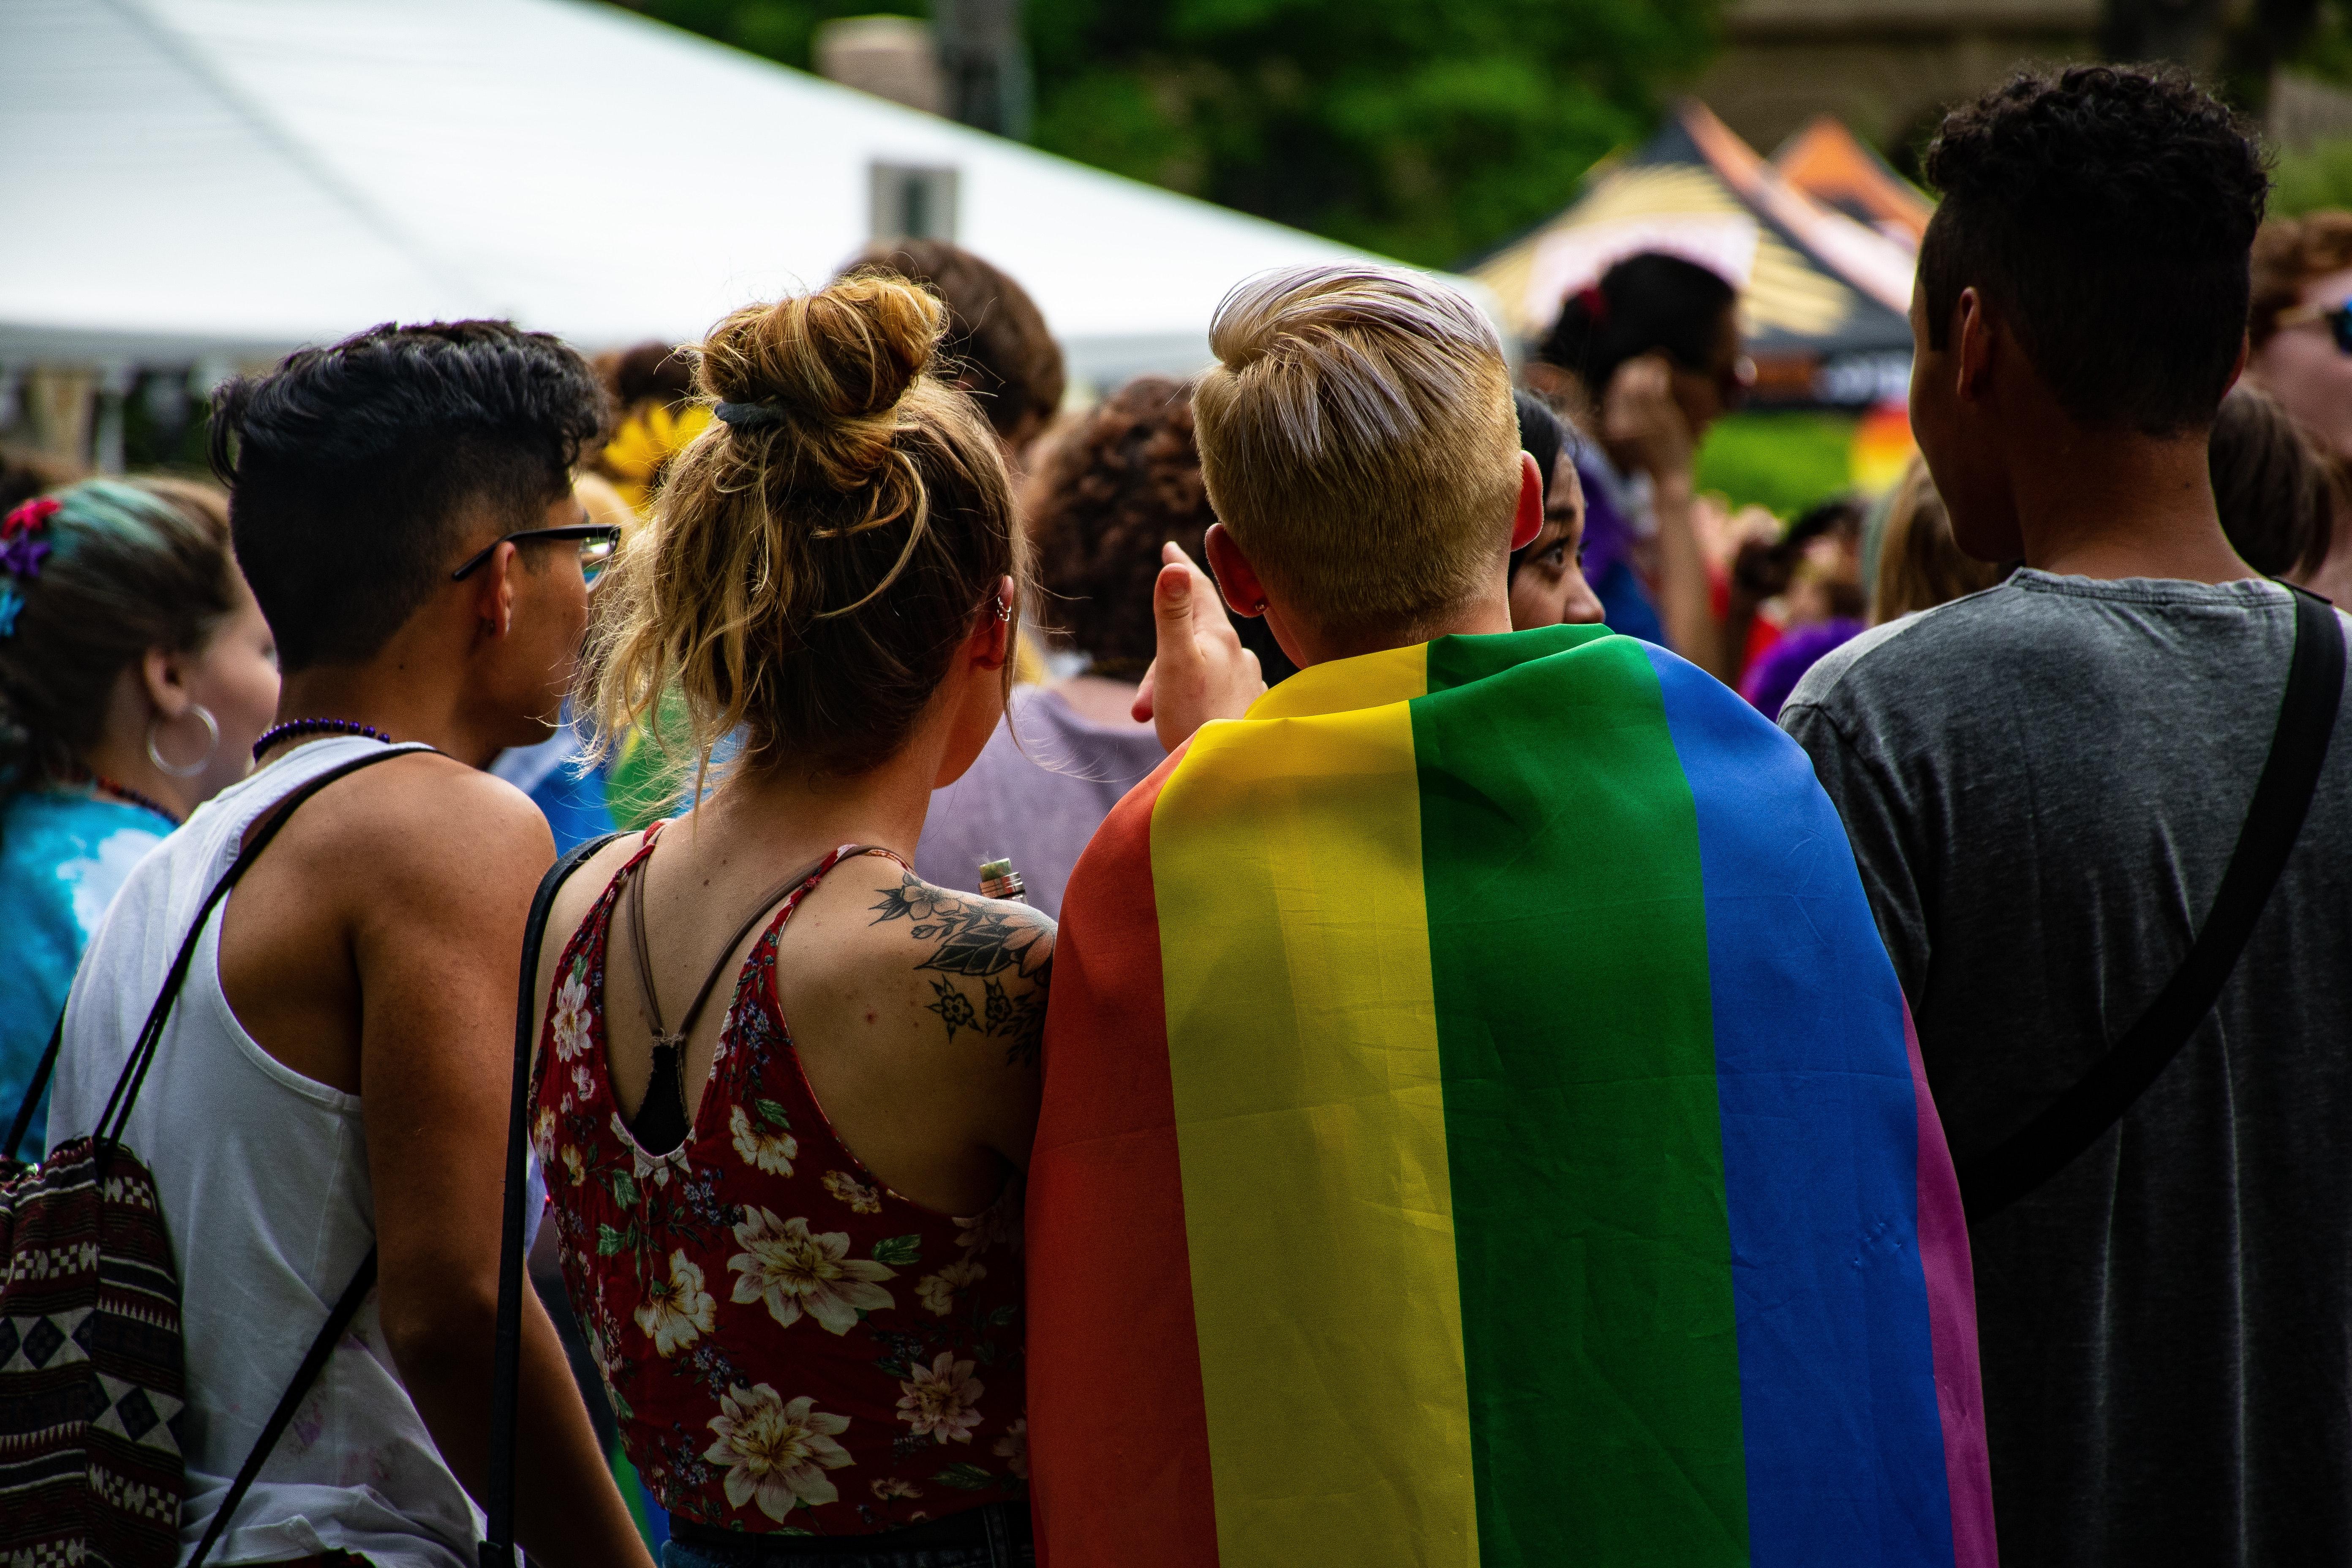 People attending pride